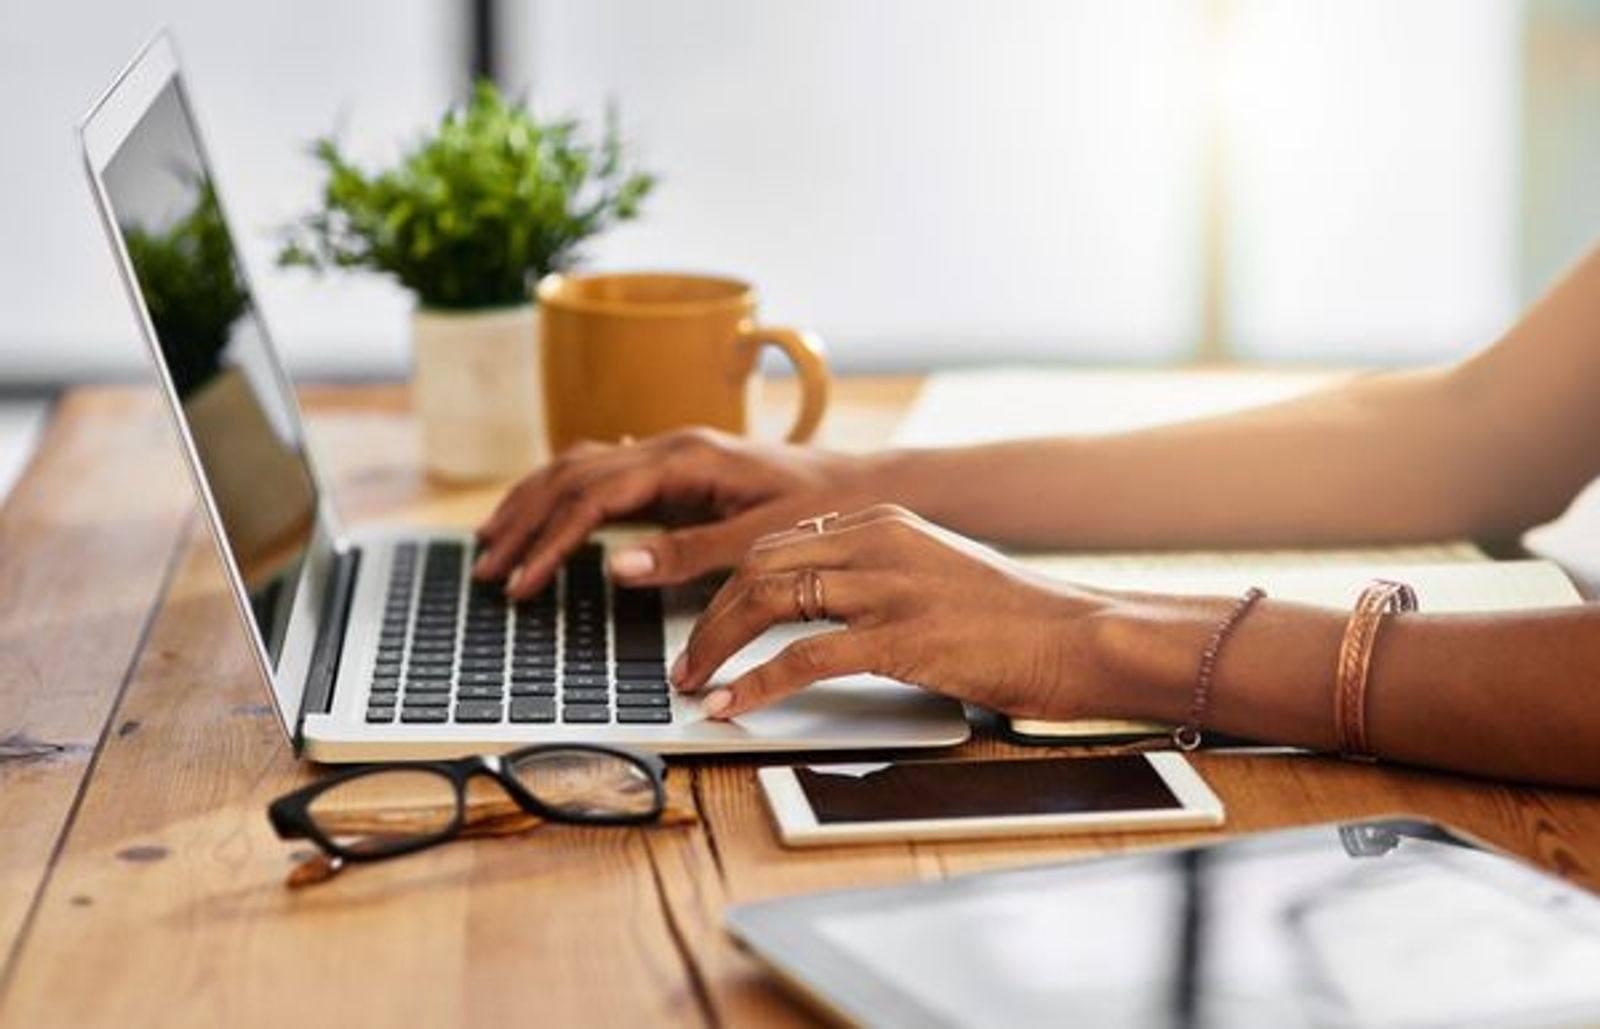 mains de femme qui navigue en ligne sur un ordinateur portable